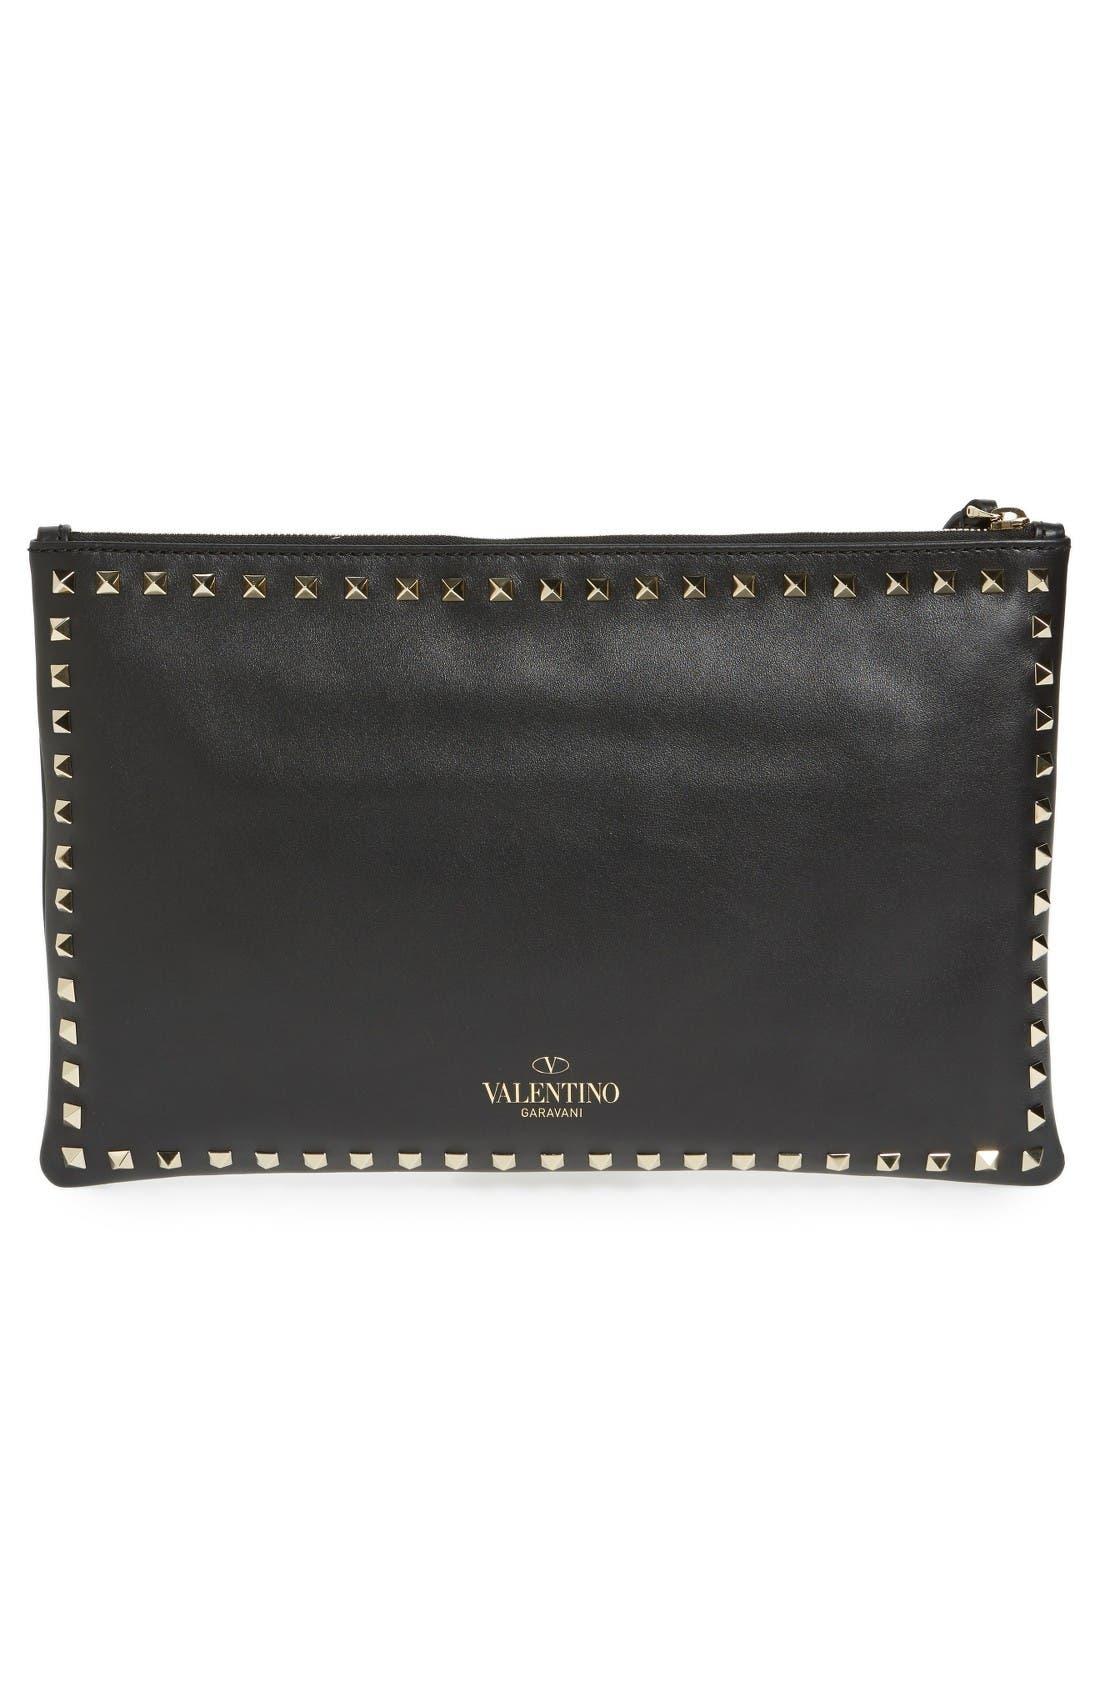 Valentino Small Rockstud Vitello Leather Clutch,                             Alternate thumbnail 3, color,                             Nero